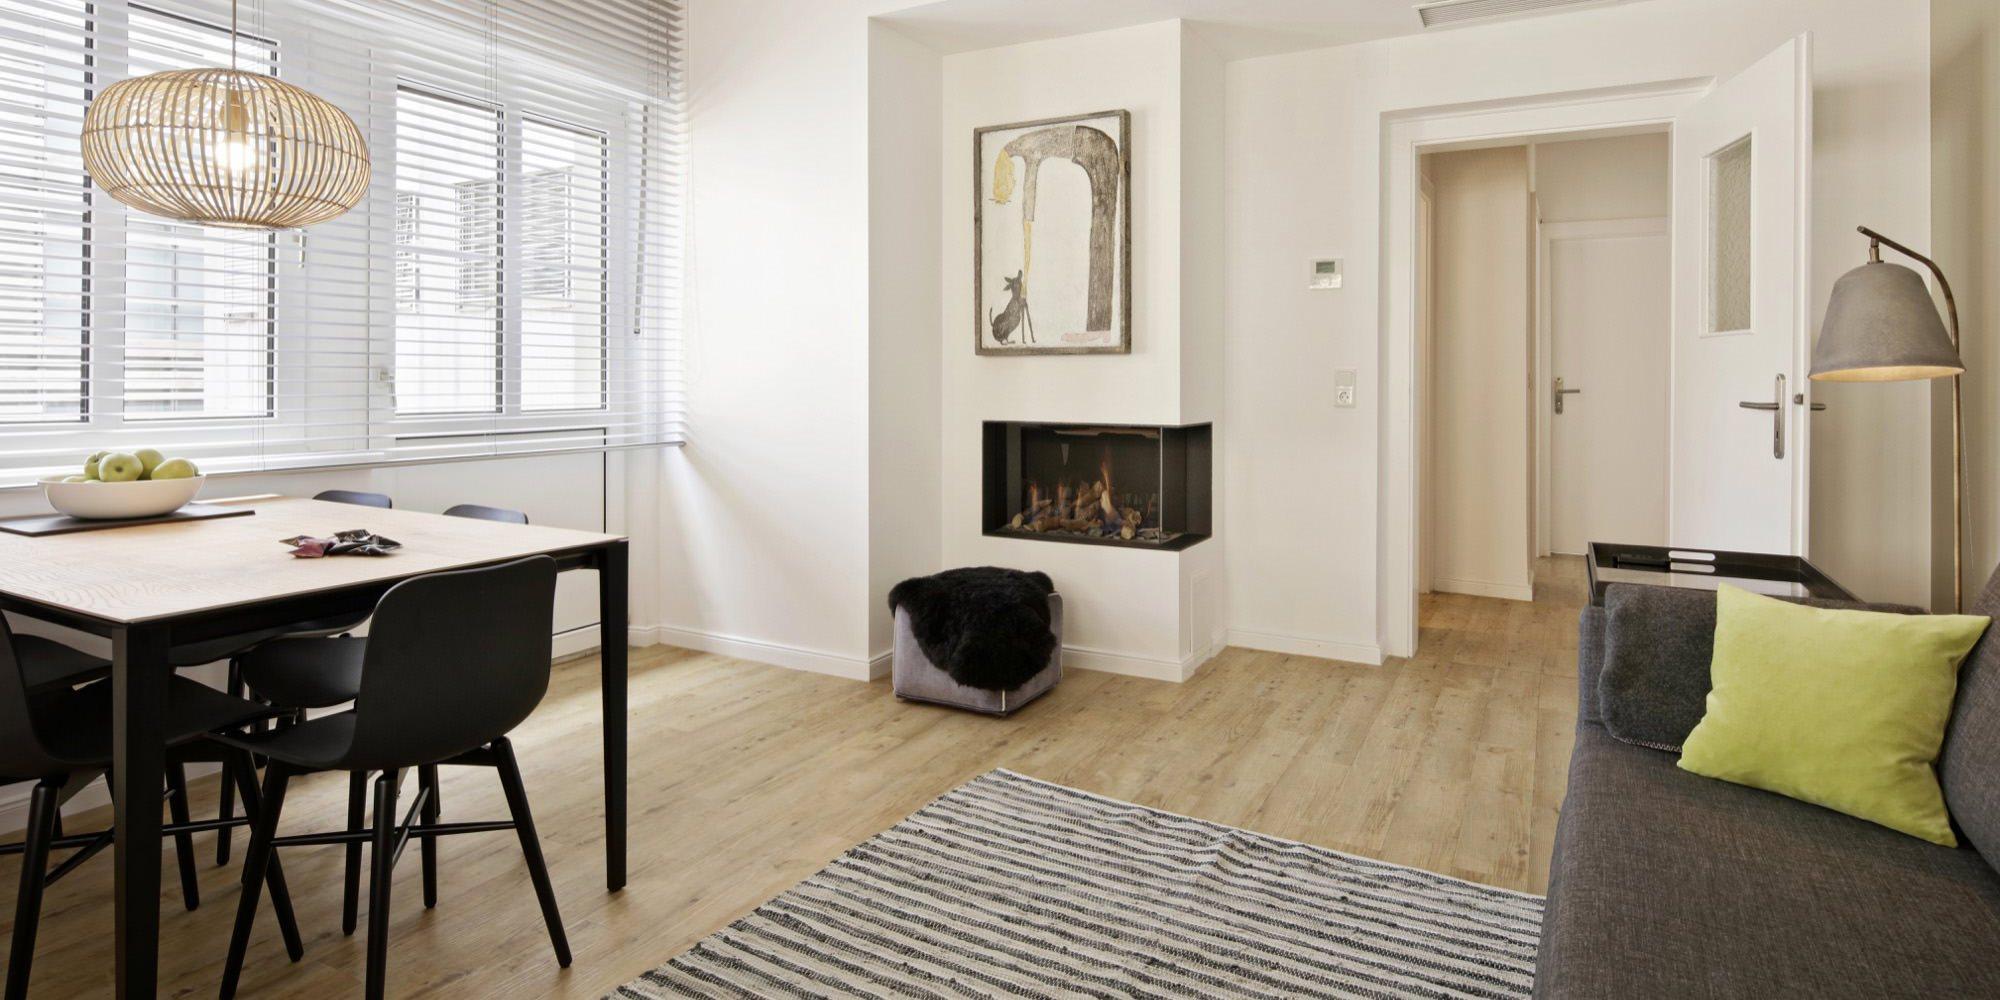 ferienwohnung drei in der w rzburger innenstadt eckhaus w rzburg. Black Bedroom Furniture Sets. Home Design Ideas